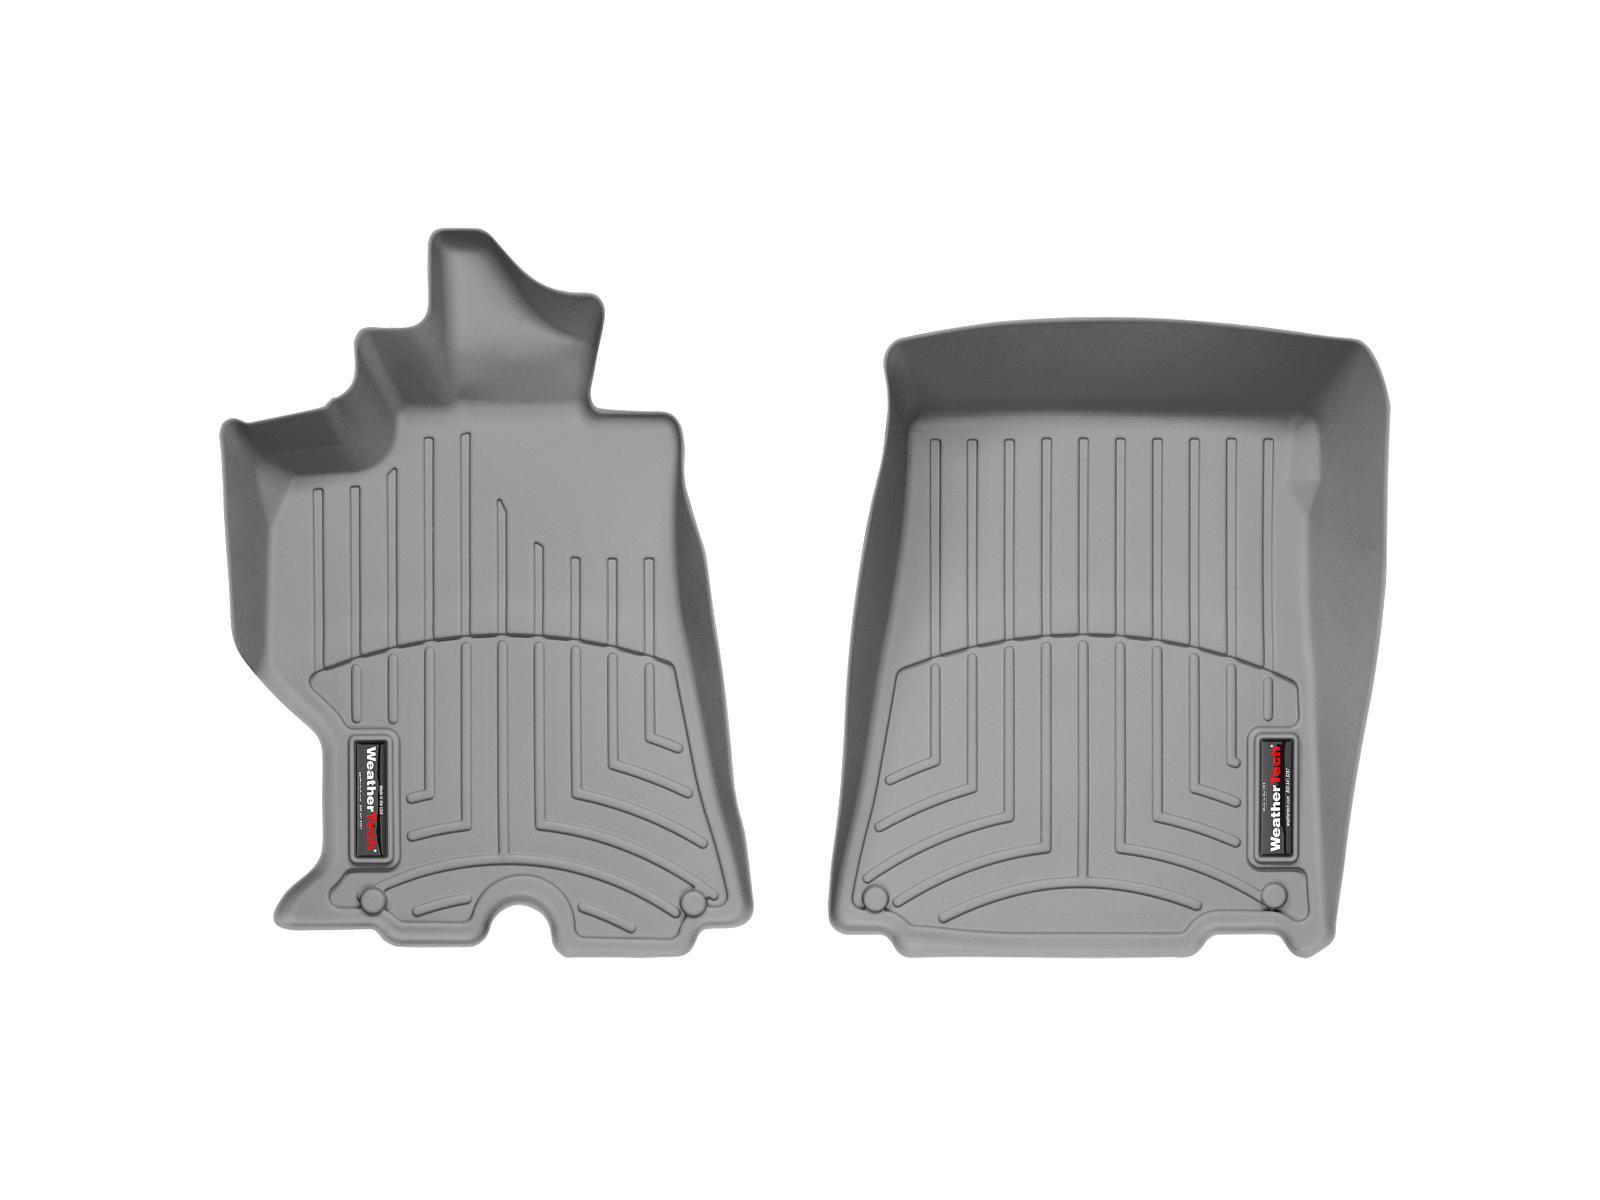 Tappeti gomma su misura bordo alto Ferrari California 09>13 Grigio A734*